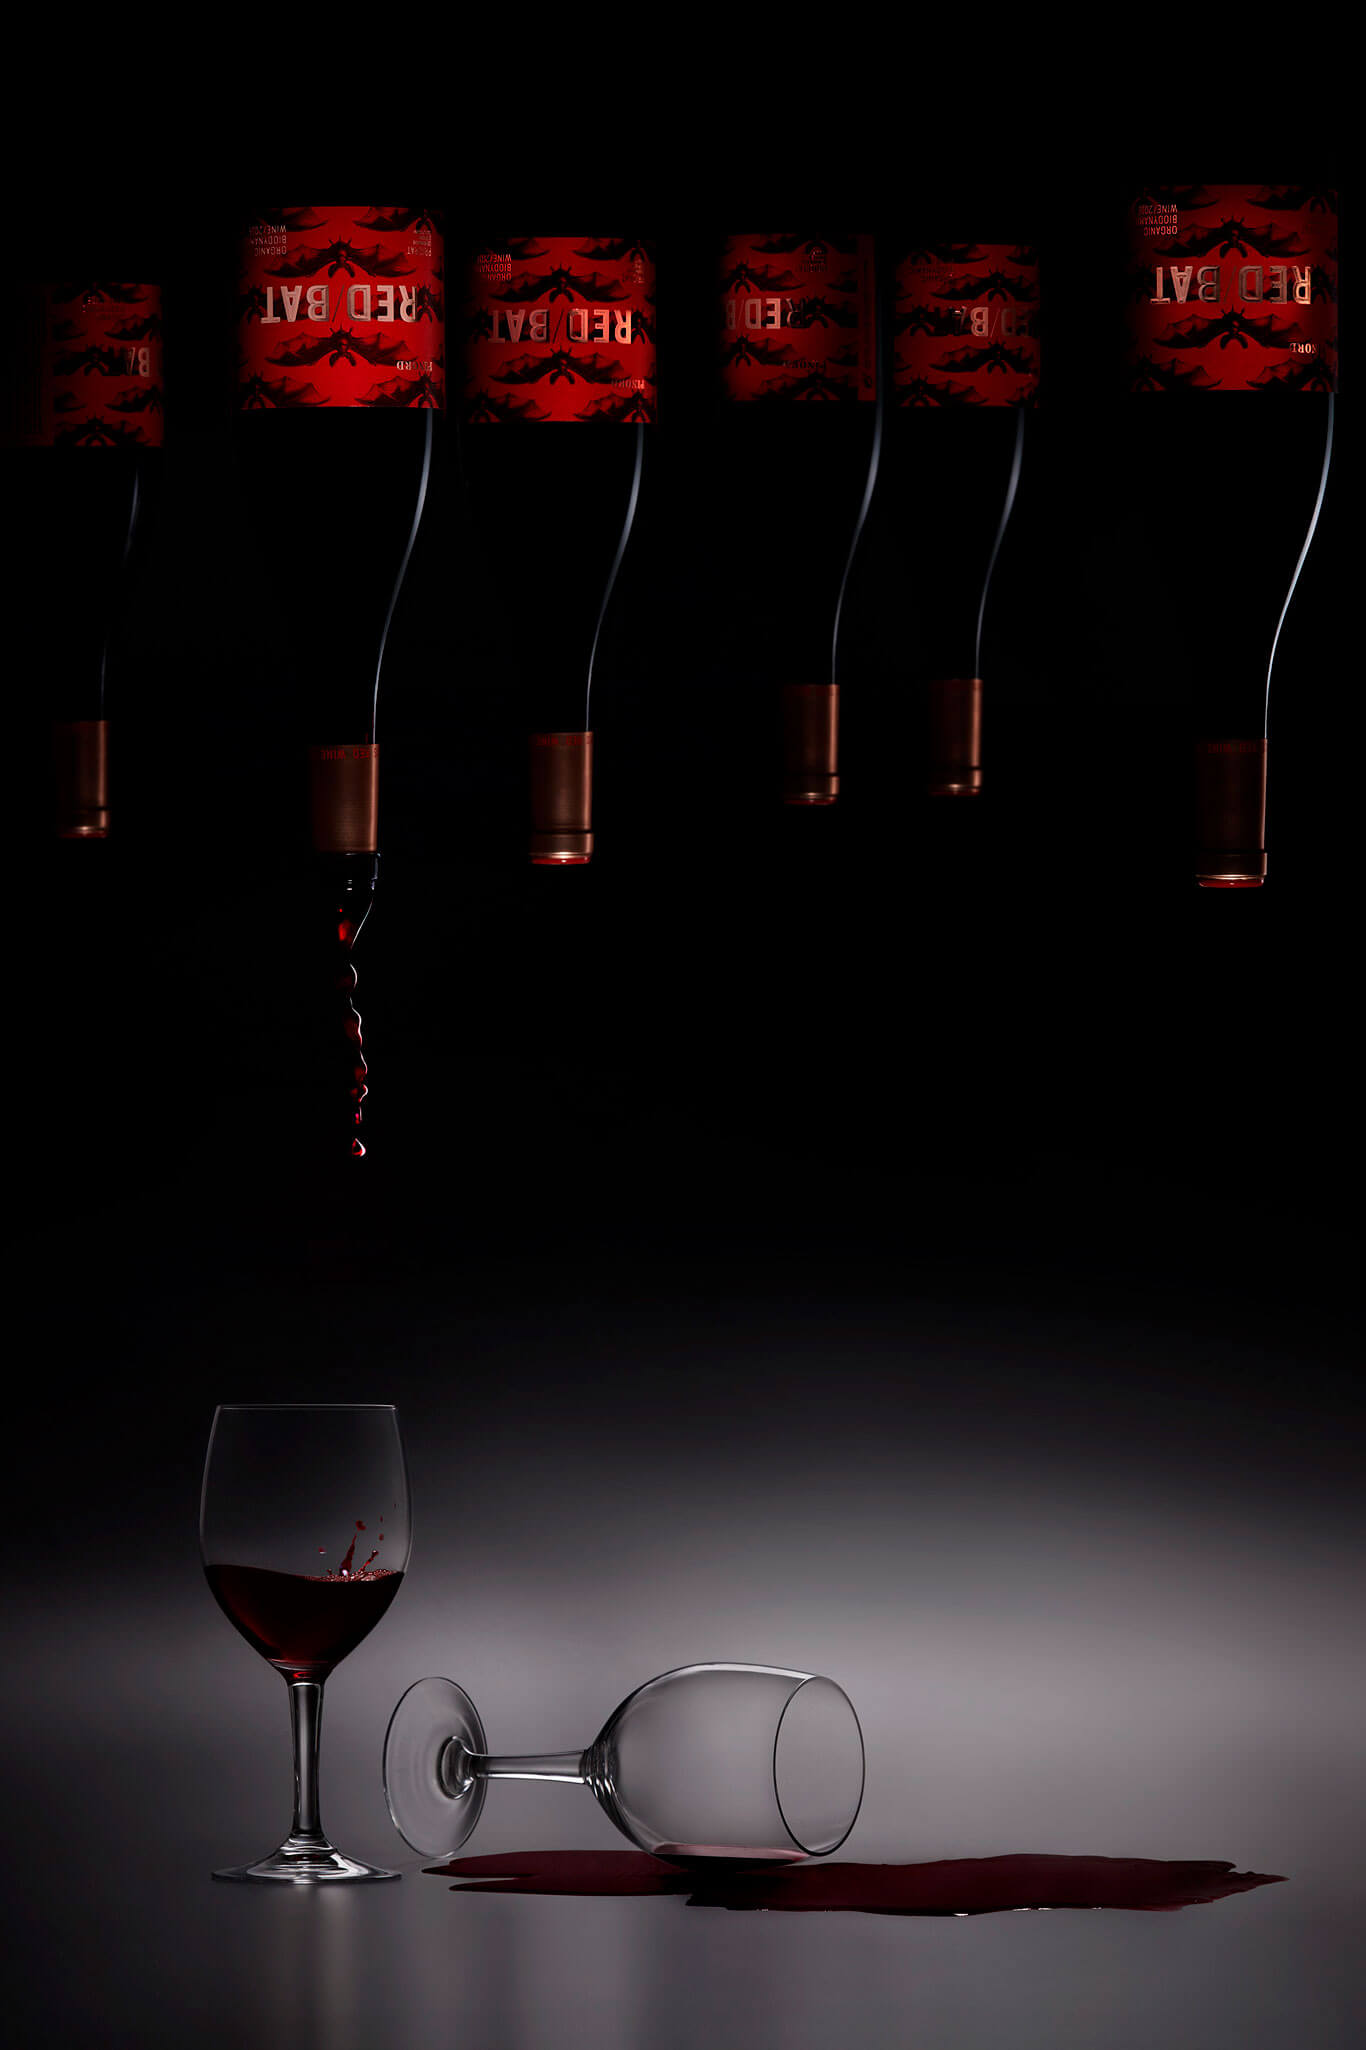 Un bodegón con las botellas del vino Red Bat y sus etiquetas.